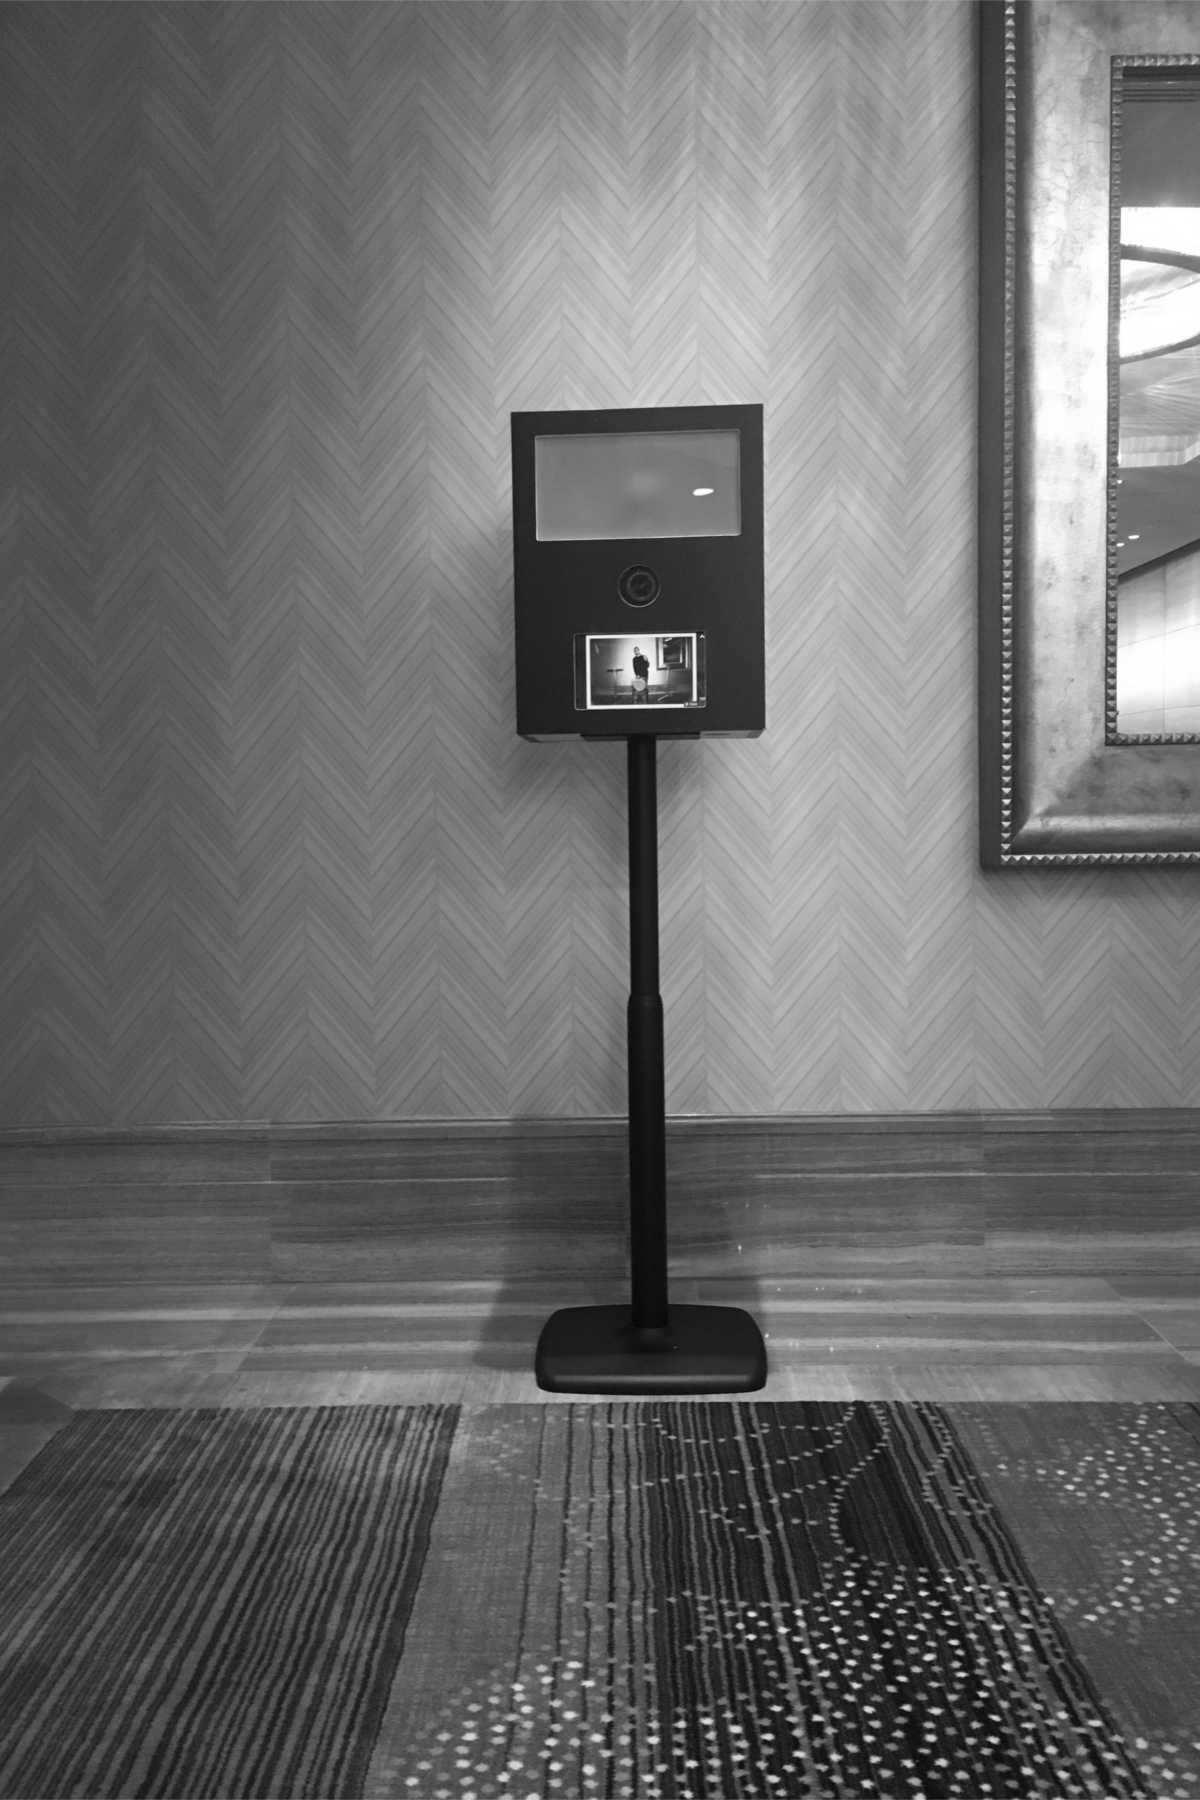 Dynamic Photobooth - Höhenverstellbar, kompakt, portabel.Ihr Modell für Situationen, wo Flexibiliät entscheidet.